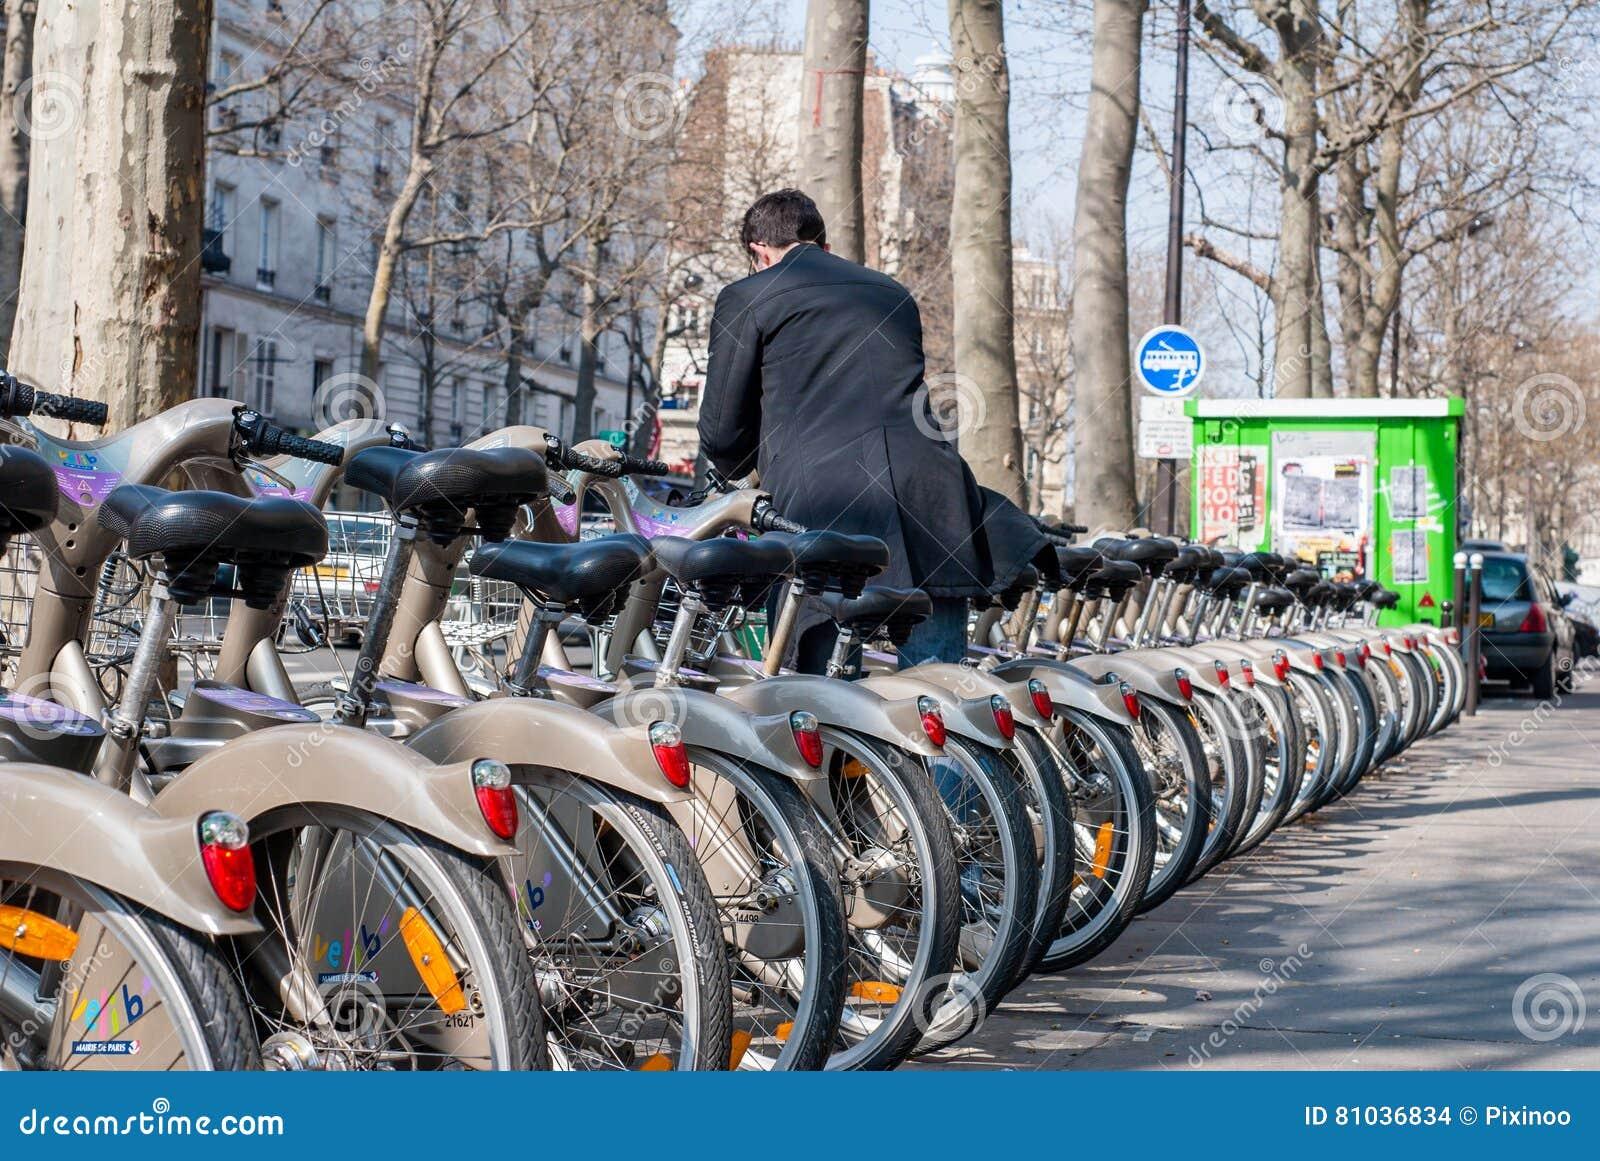 Paris, France - April 02, 2009: Young man depositing his bike at